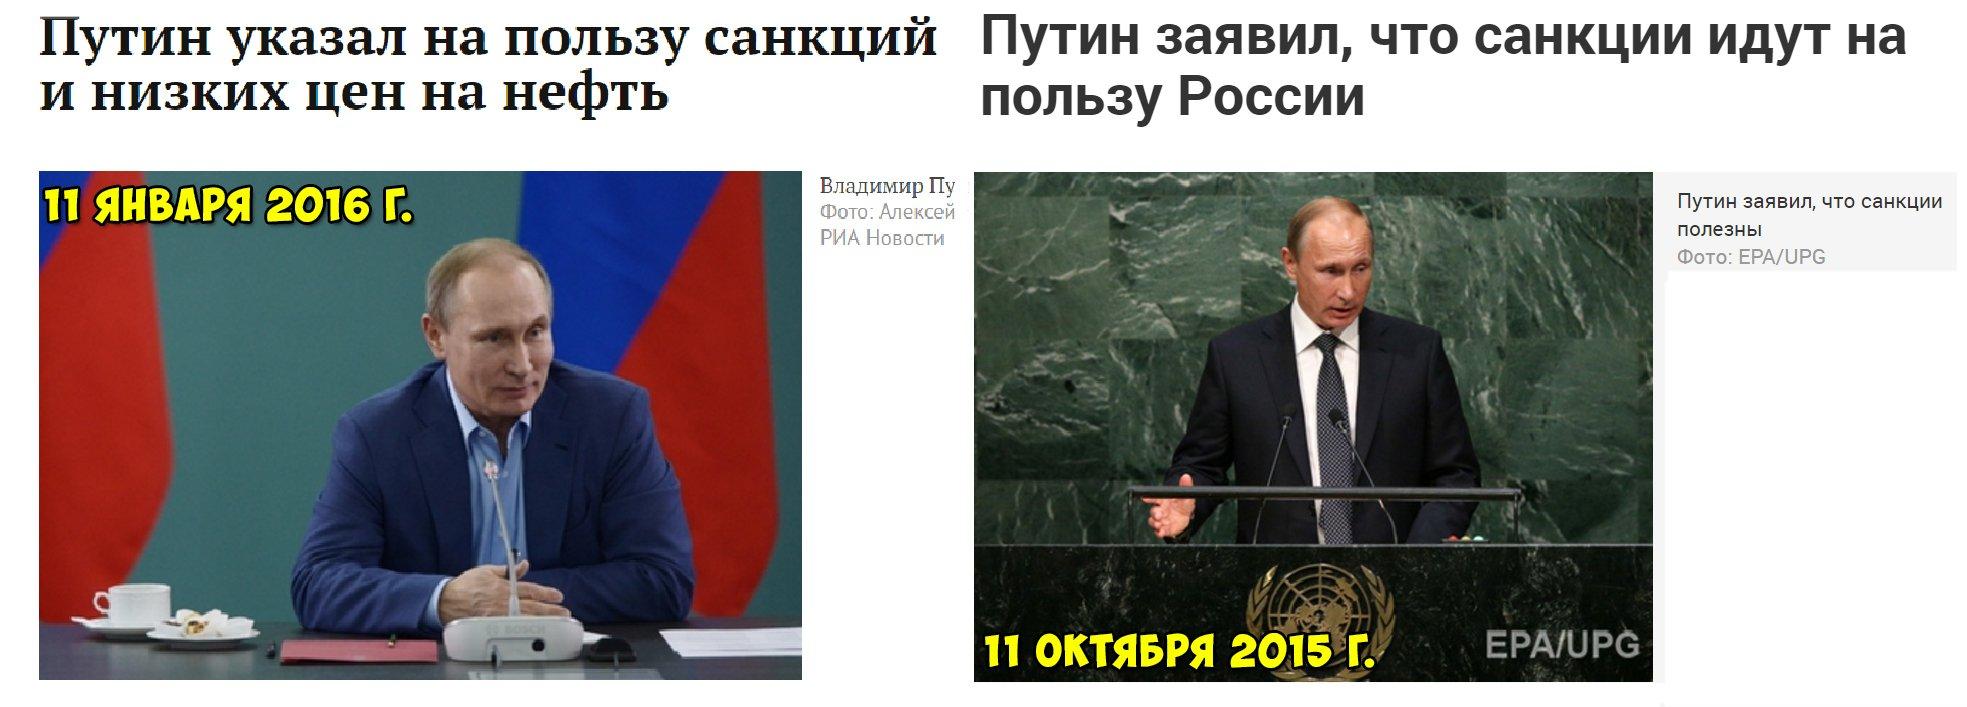 ПУТИН ПОТРЕБОВАЛ ОТ США КОМПЕНСИРОВАТЬ УЩЕРБ